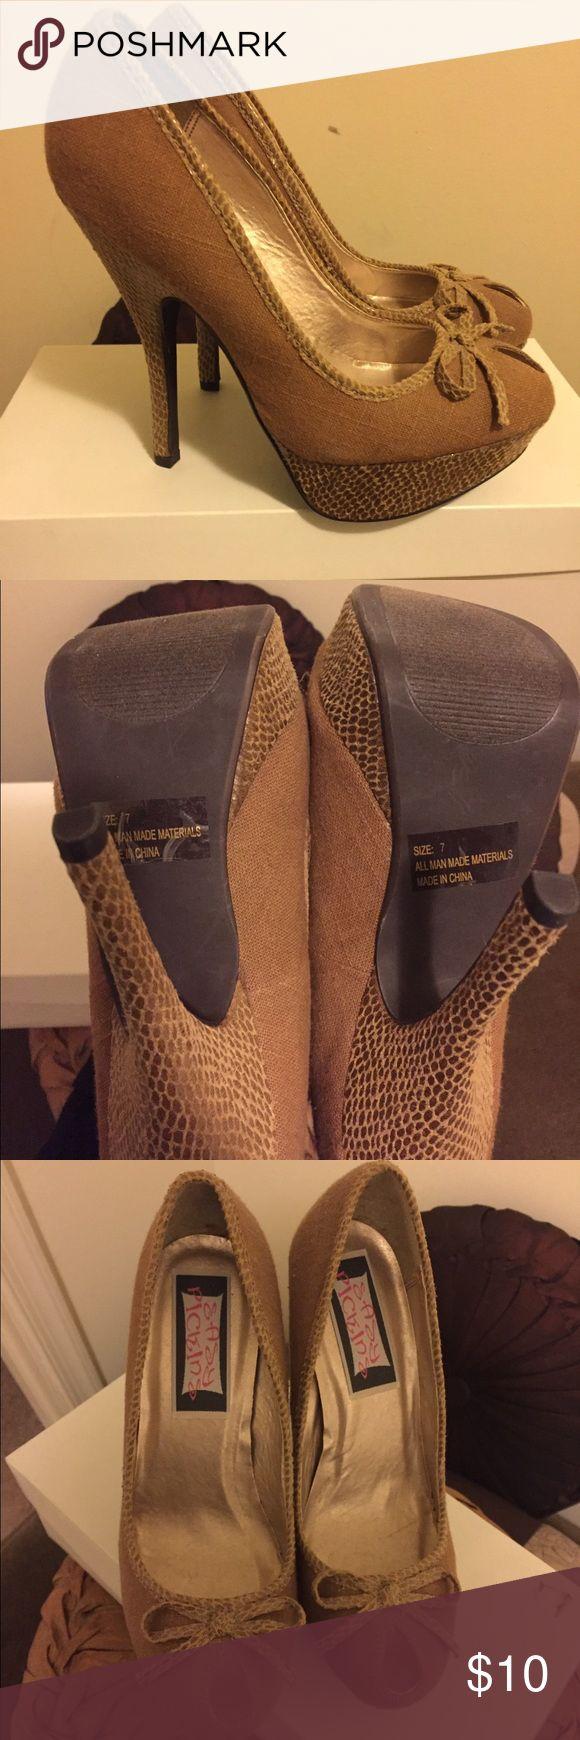 TAN PEEP TOE PUMP HEELS SIZE 7 🌼🌼🌼🌼🌼🌼🌼🌼🌼 Cute pair of tan peep toe pumps! Great looking spring/summer shoe! New, never worn. Size 7! Shoes Heels